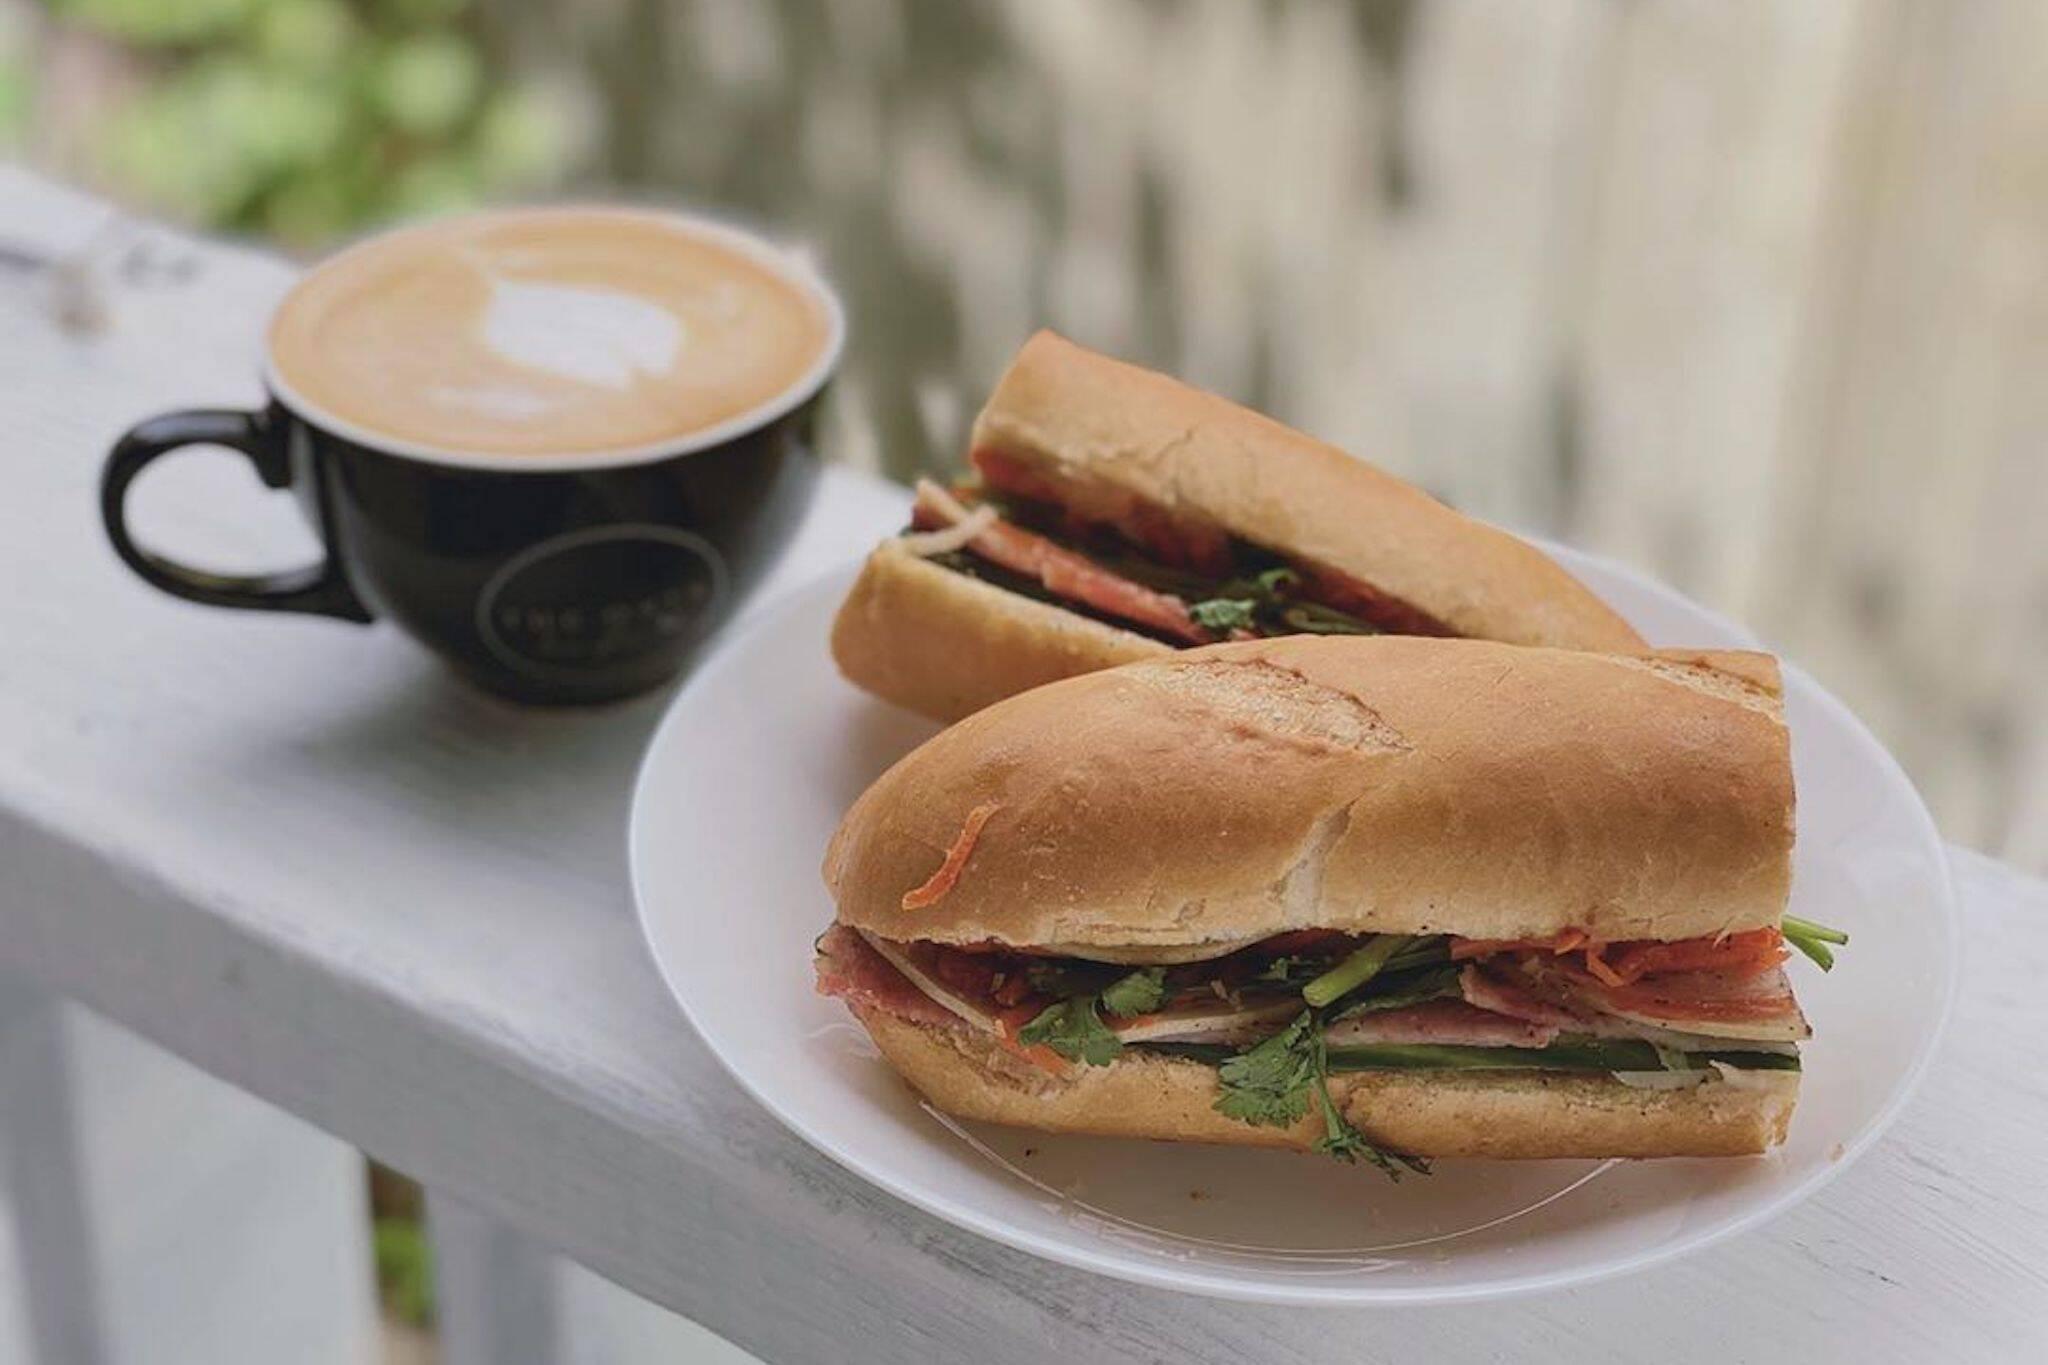 Oats Kafe Toronto